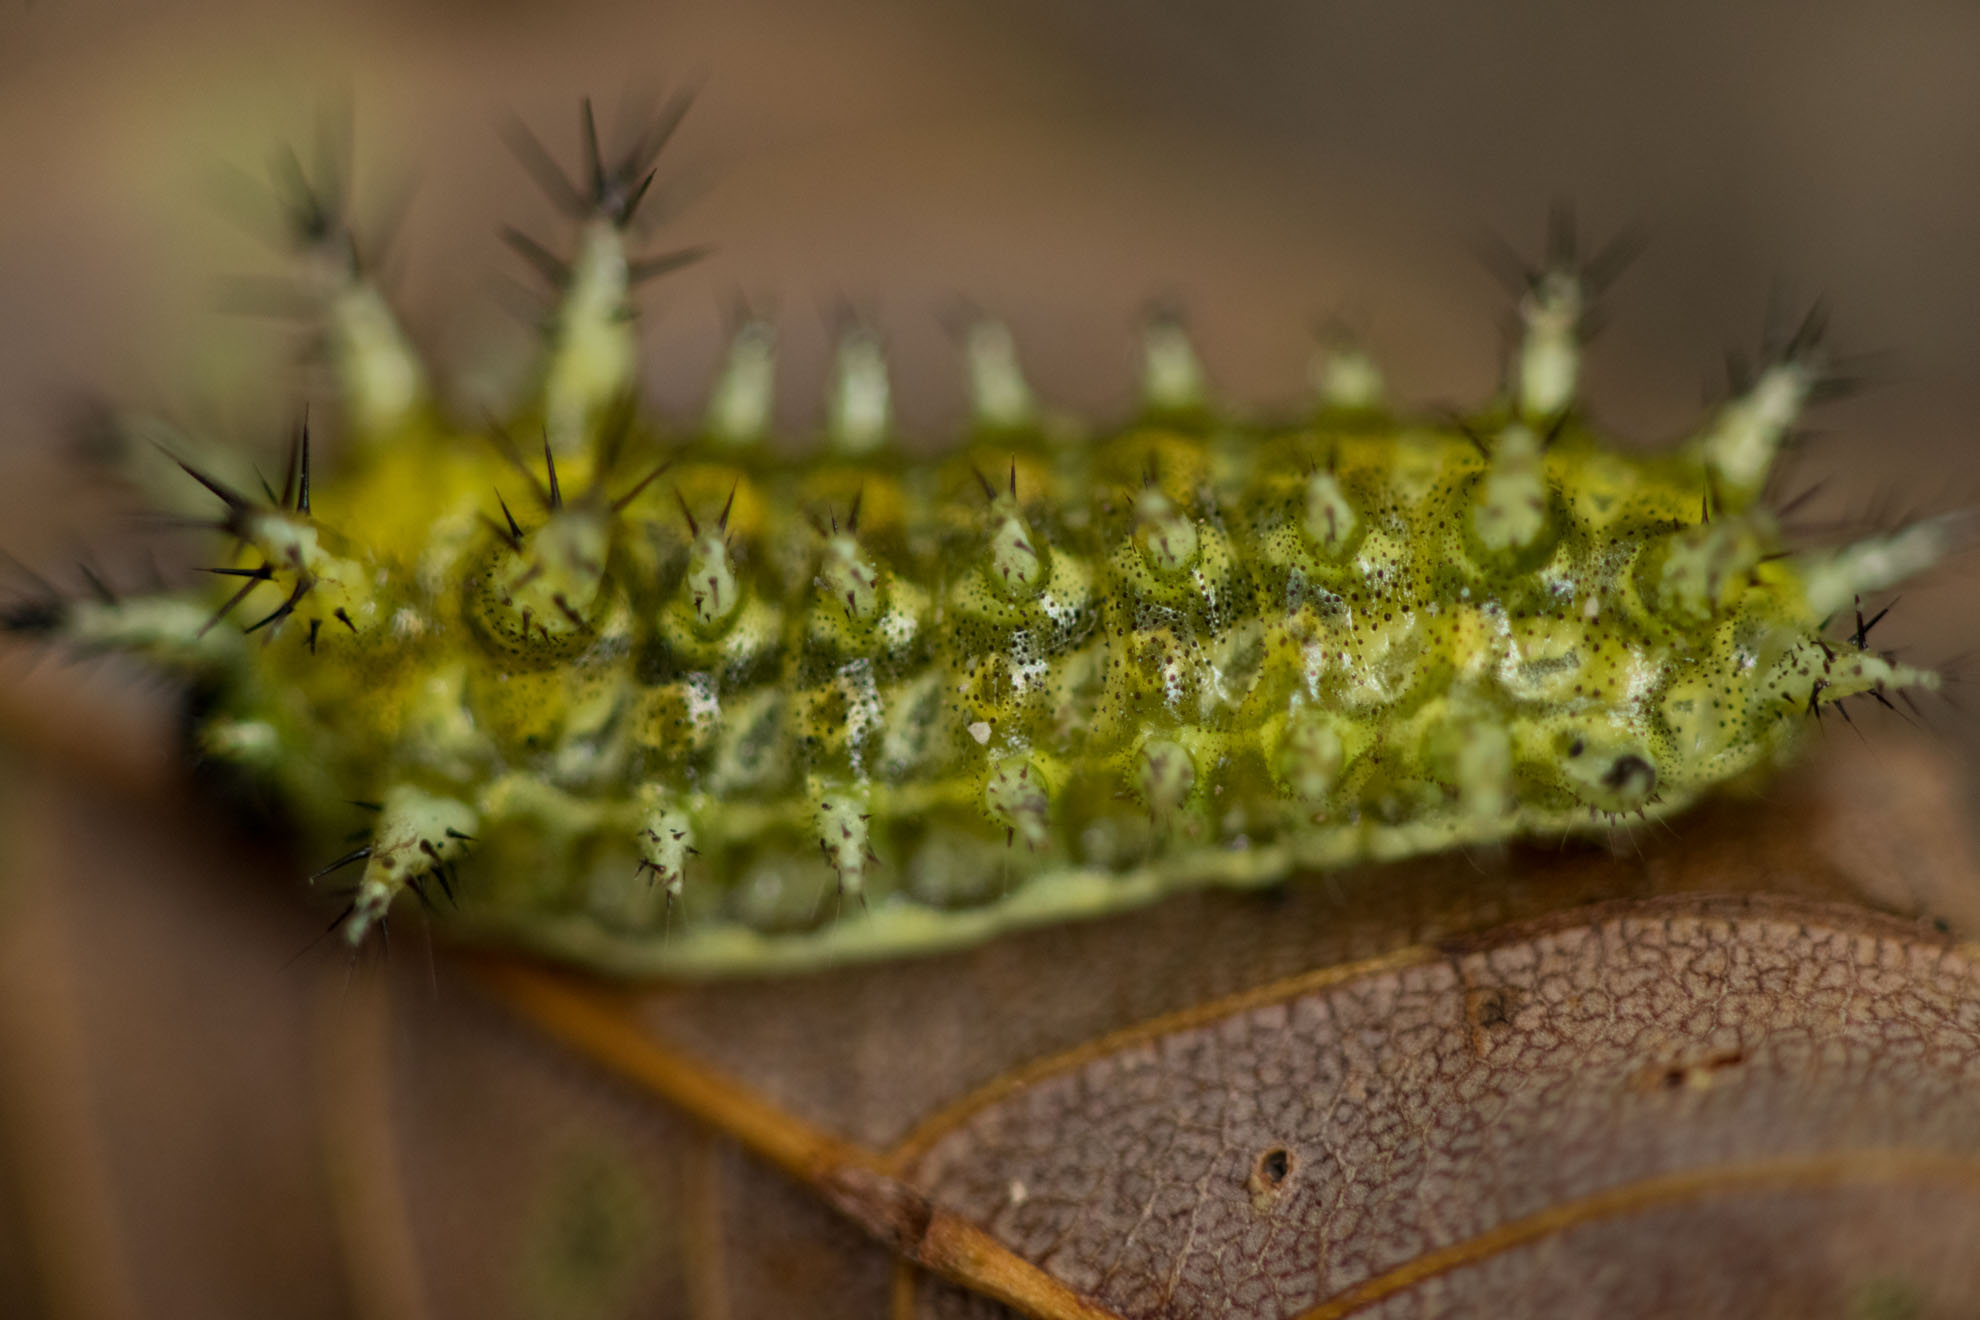 光が丘公園の危険な虫・昆虫・いもむしのヒメクロイラガ